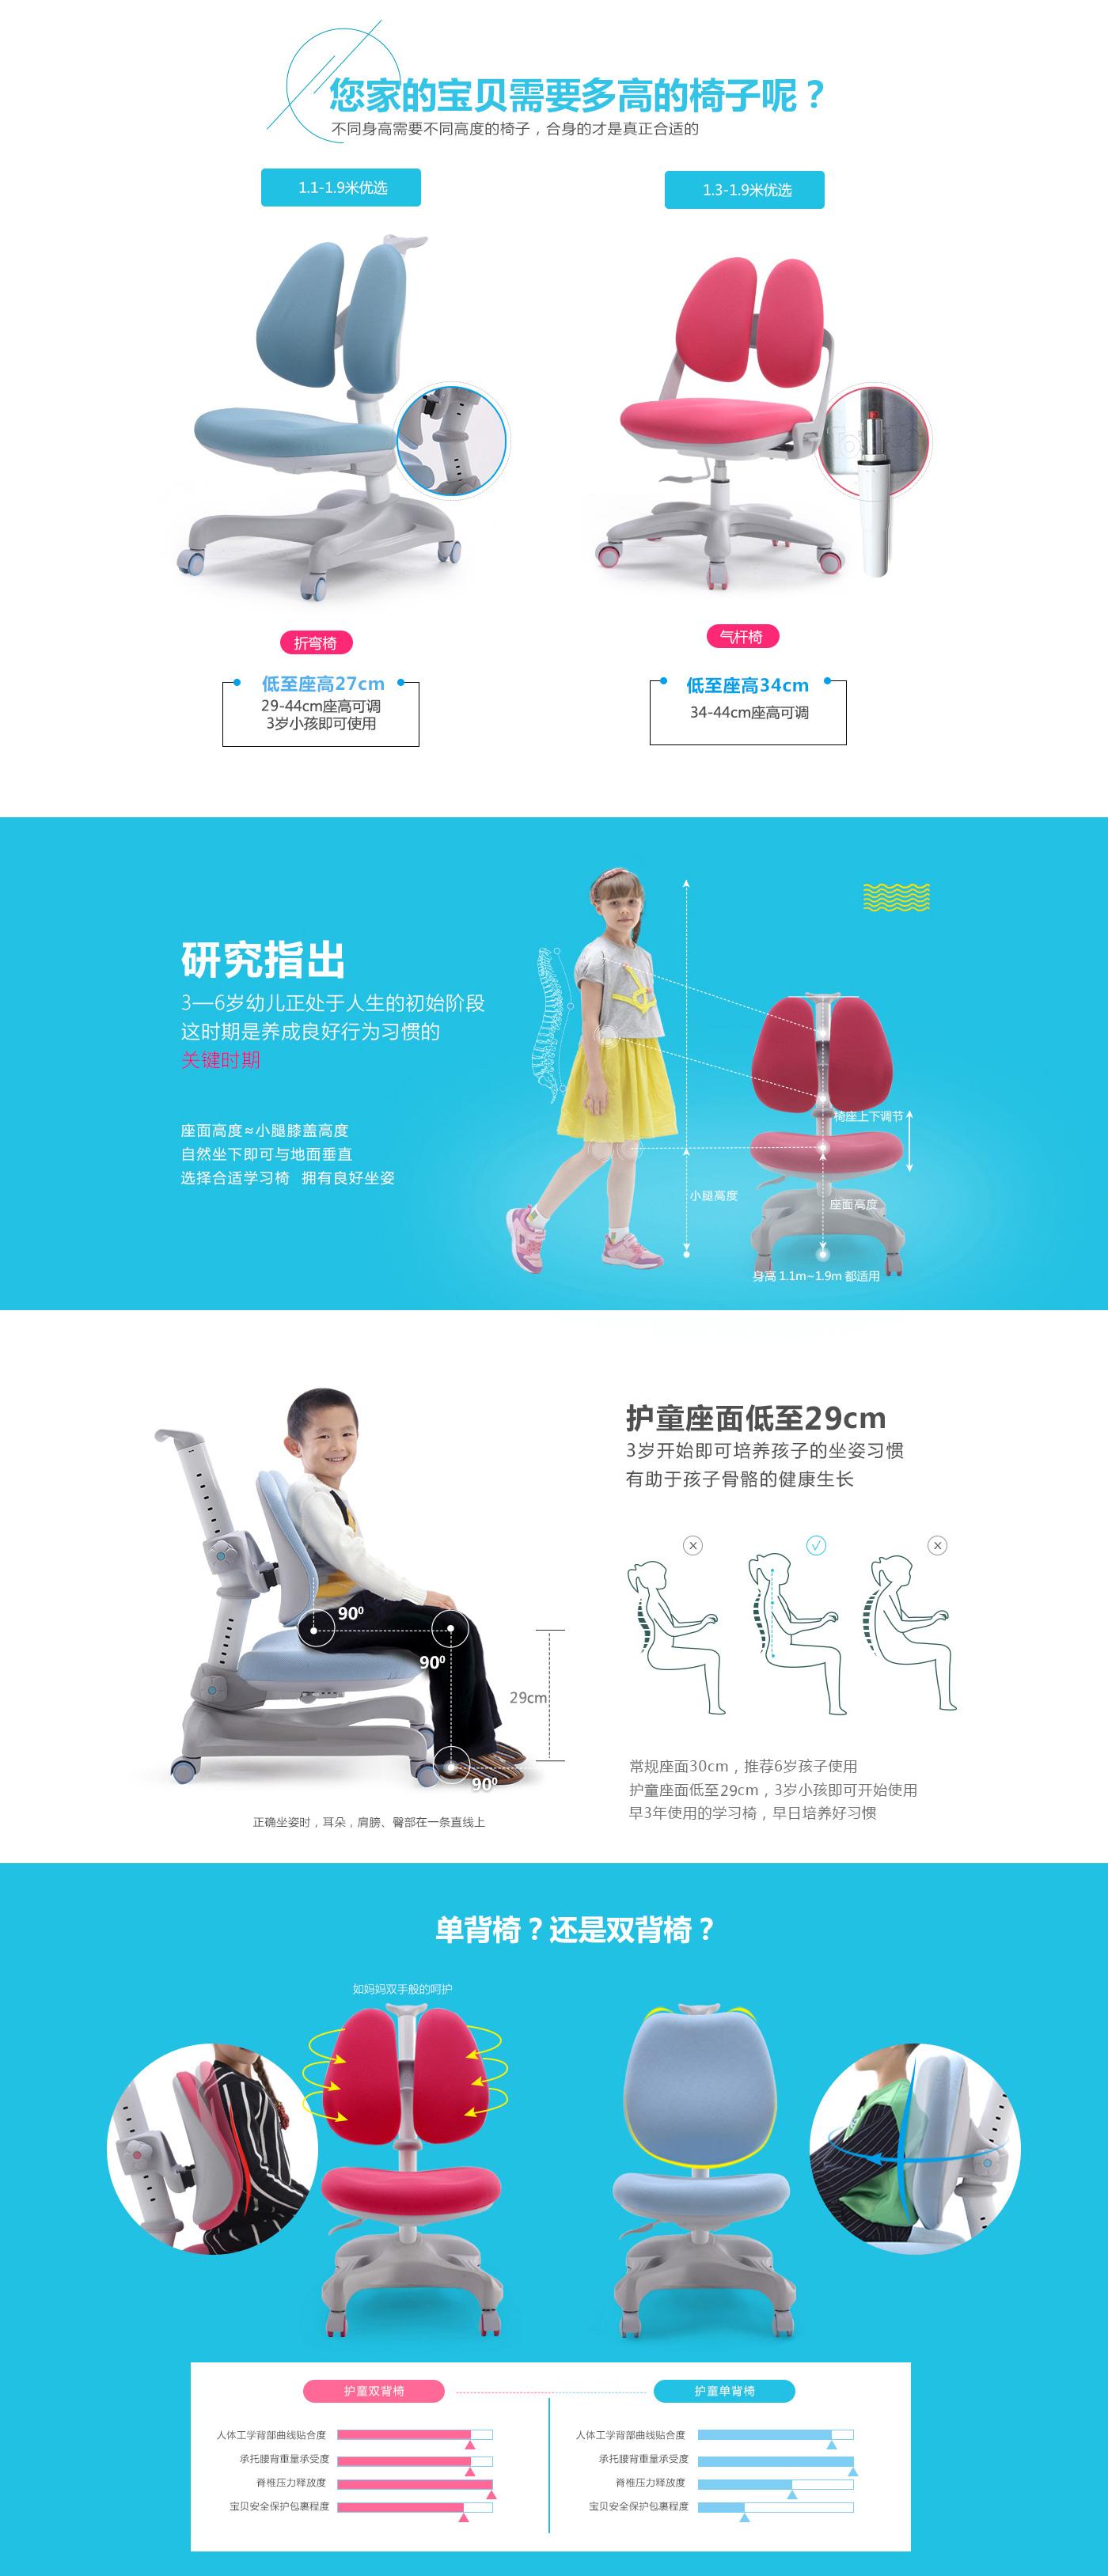 椅子上傳使用圖片.jpg